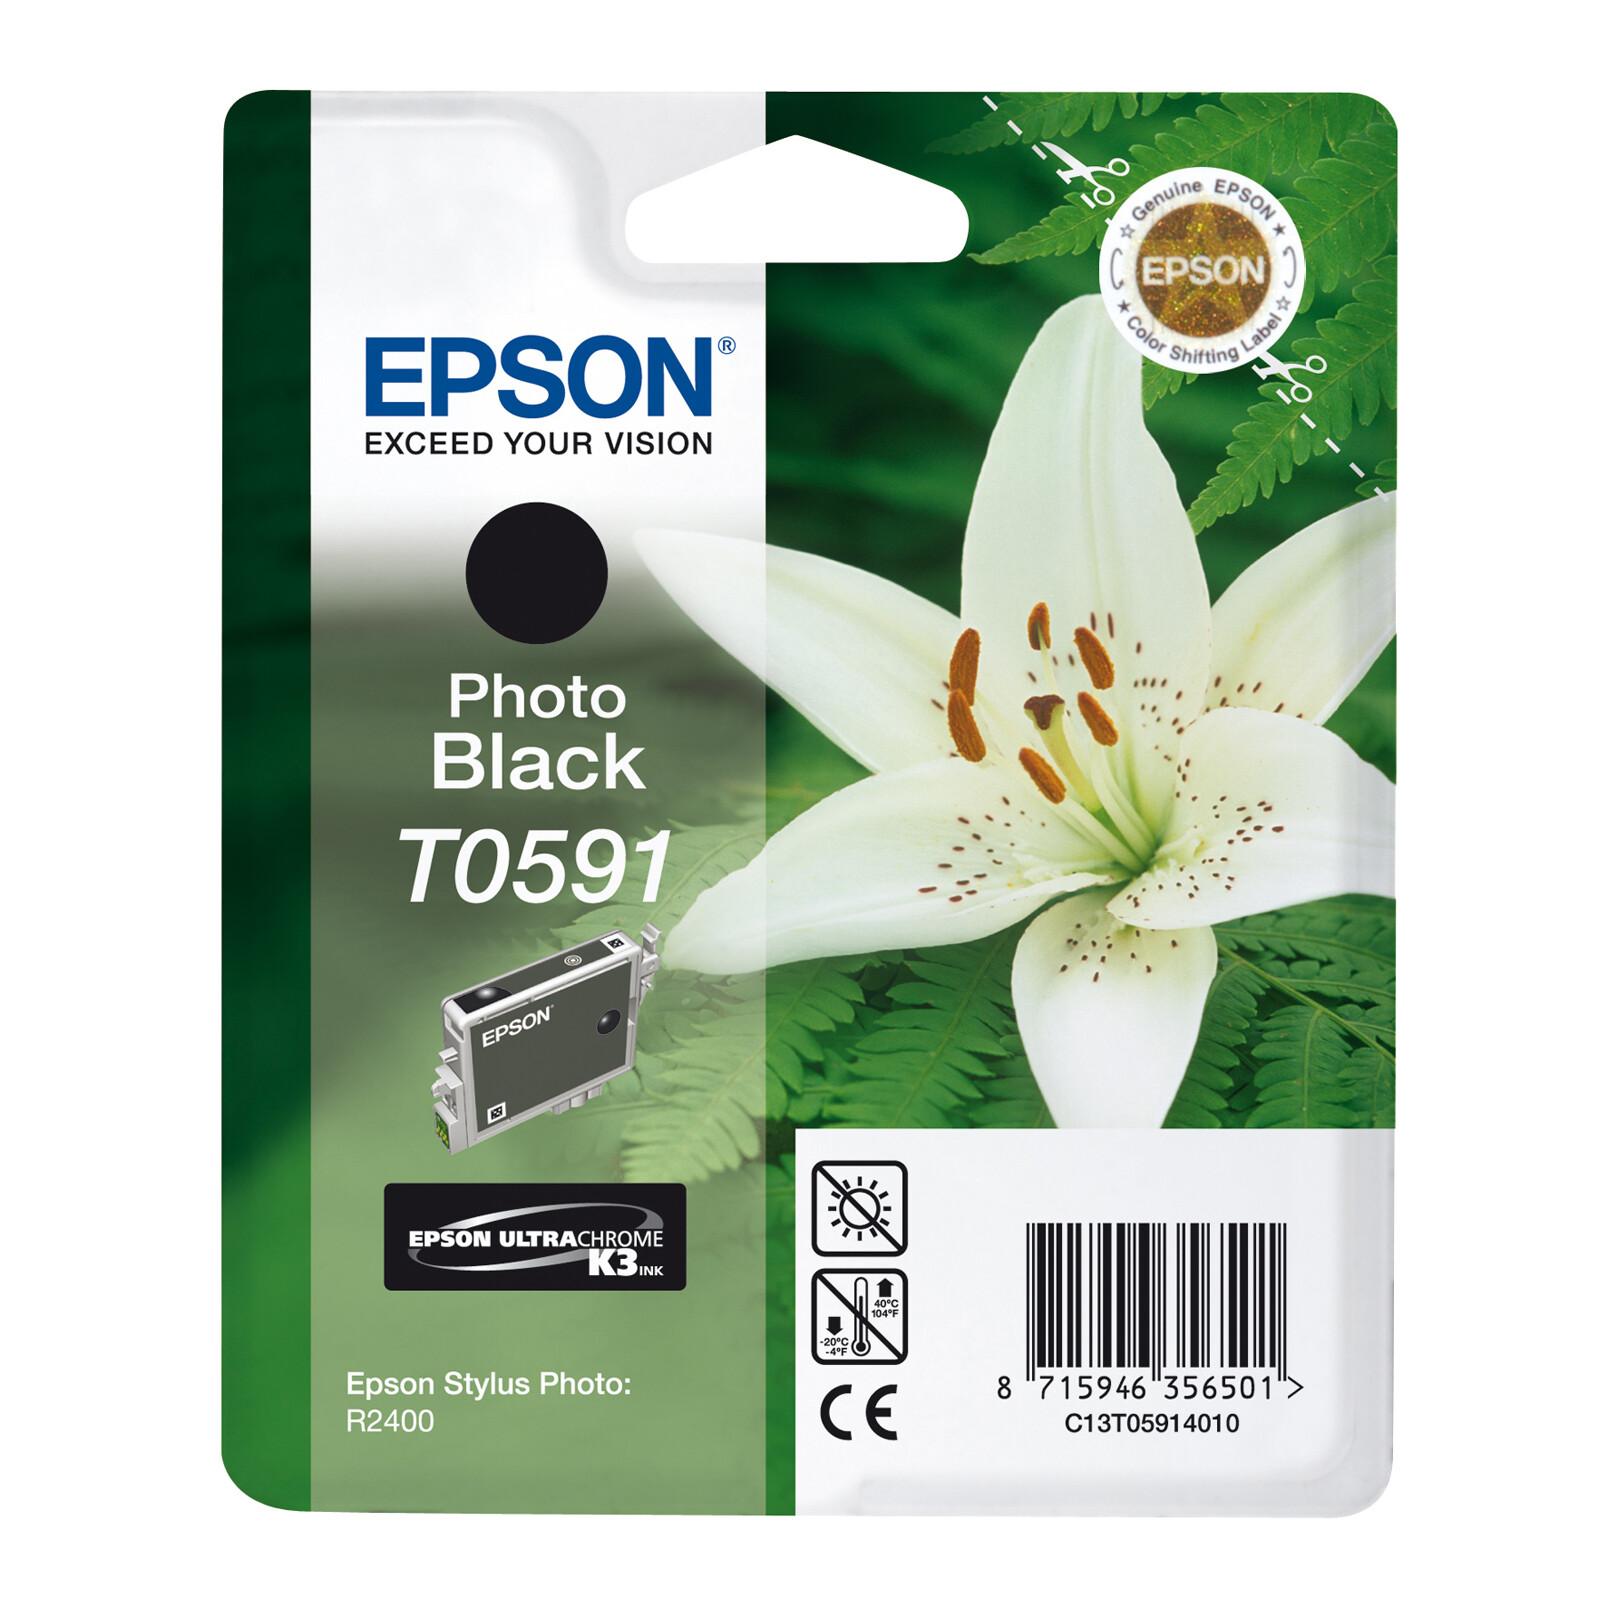 Epson T0591 Tinte Photo Black 13ml